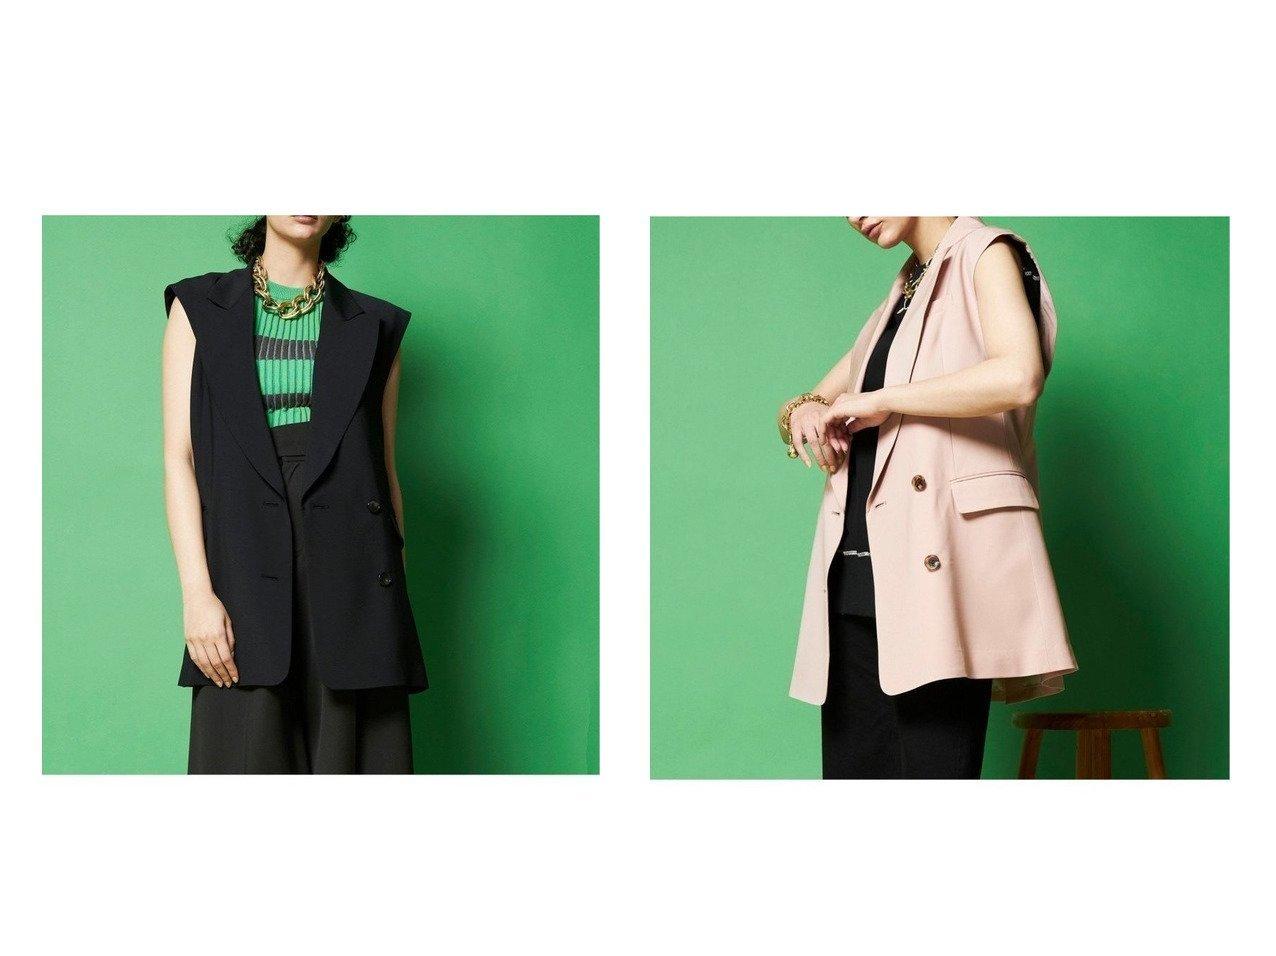 【MAISON SPECIAL/メゾンスペシャル】のバックオープンジレ【メゾンスペシャル】 【アウター】おすすめ!人気、トレンド・レディースファッションの通販 おすすめで人気の流行・トレンド、ファッションの通販商品 インテリア・家具・メンズファッション・キッズファッション・レディースファッション・服の通販 founy(ファニー) https://founy.com/ ファッション Fashion レディースファッション WOMEN アウター Coat Outerwear コート Coats ジャケット Jackets キュプラ クラシカル ジャケット ダブル ベスト マニッシュ |ID:crp329100000055917